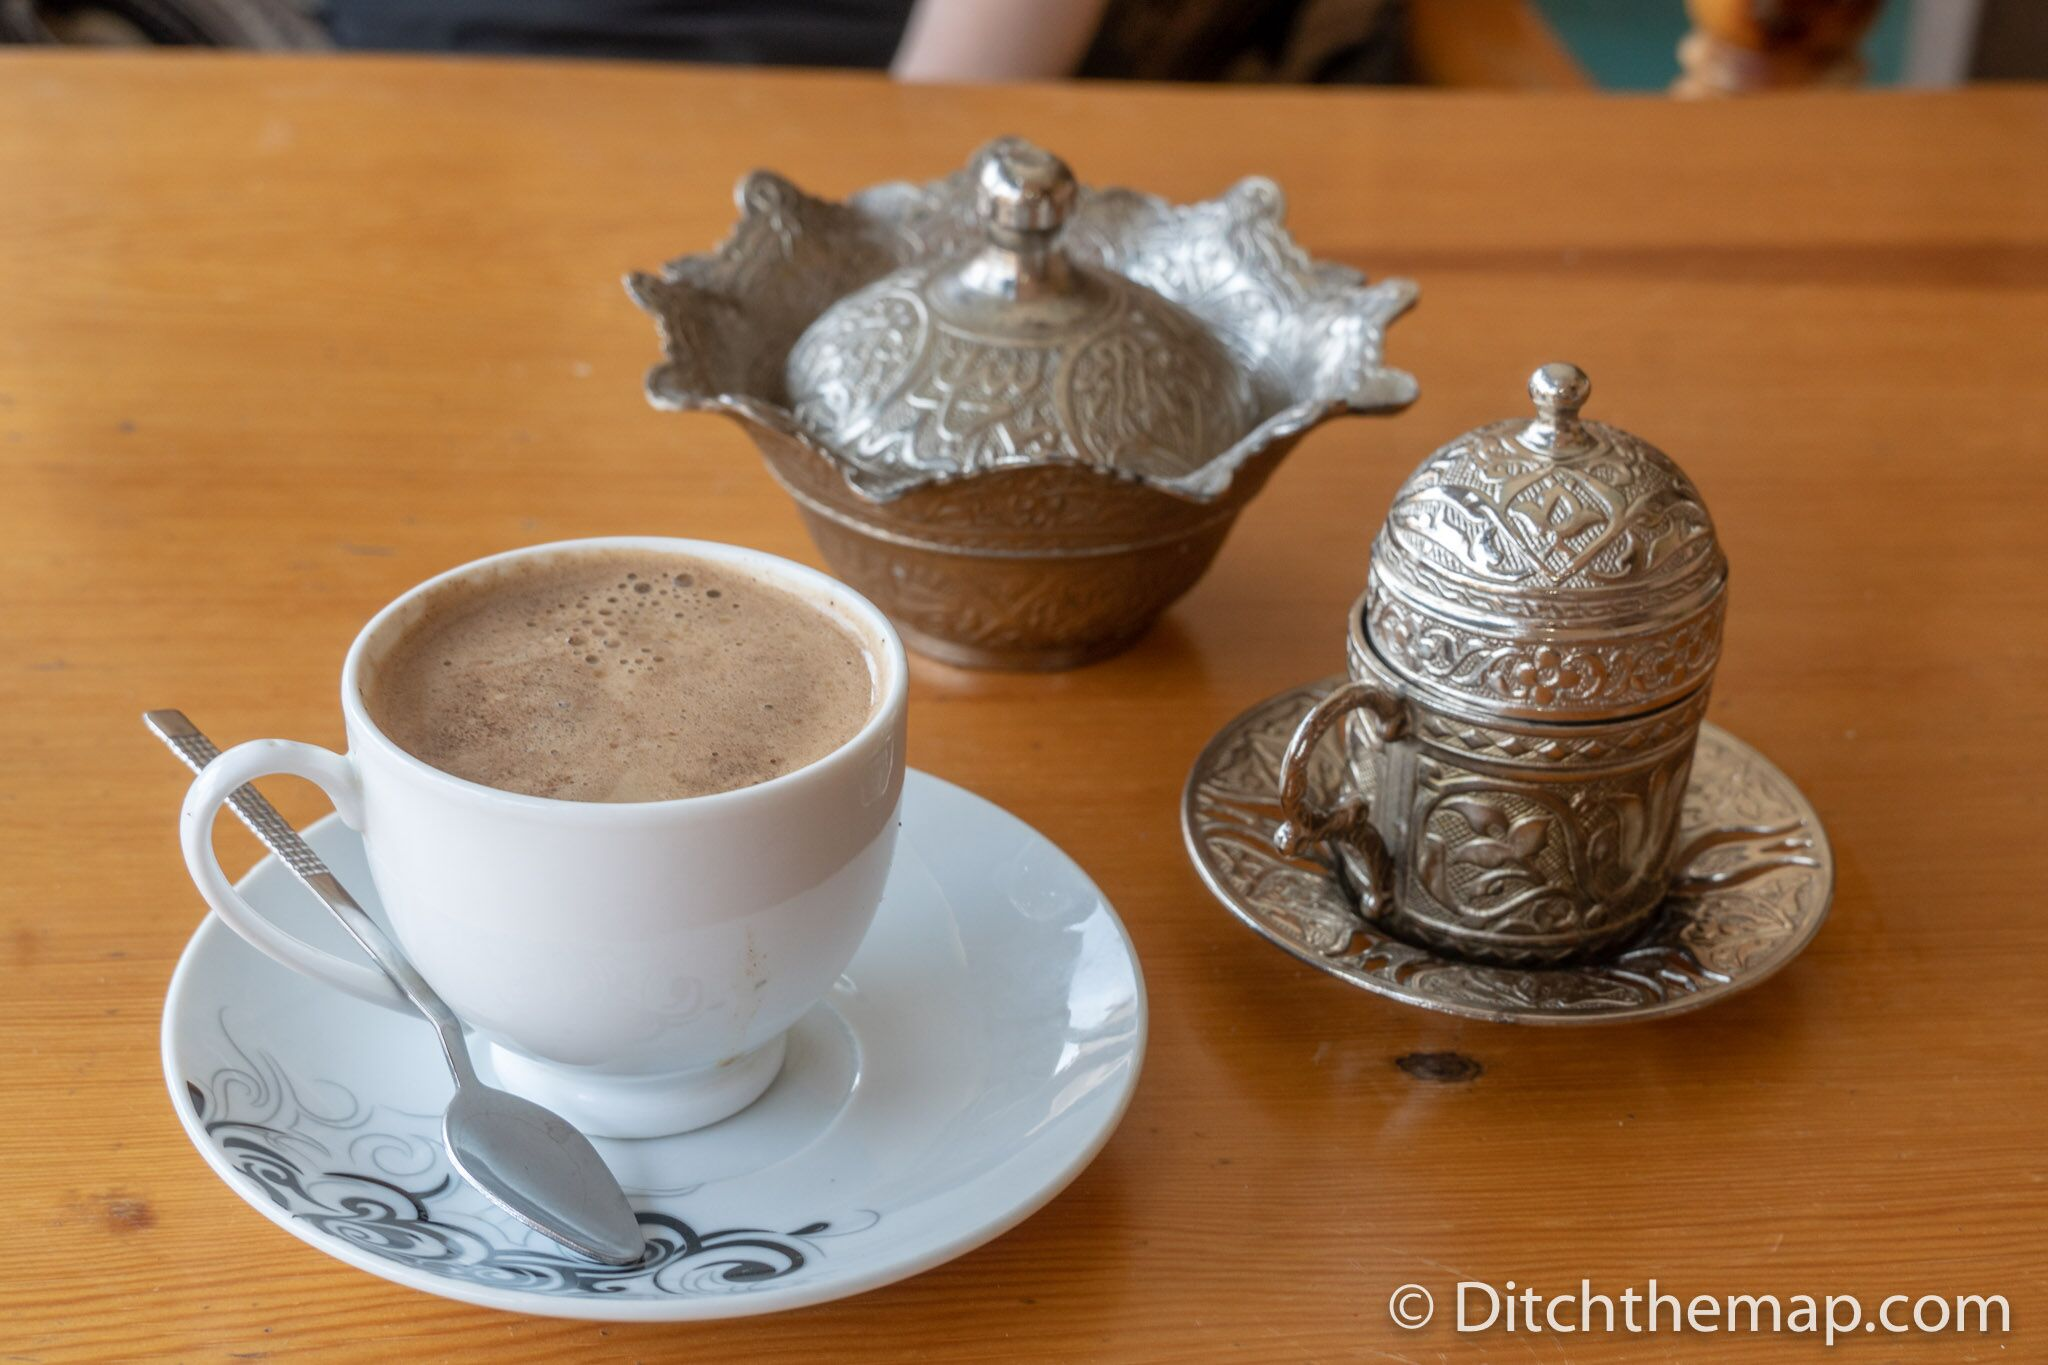 Drinking menengic (pistachio) coffee in Mardin, Turkey